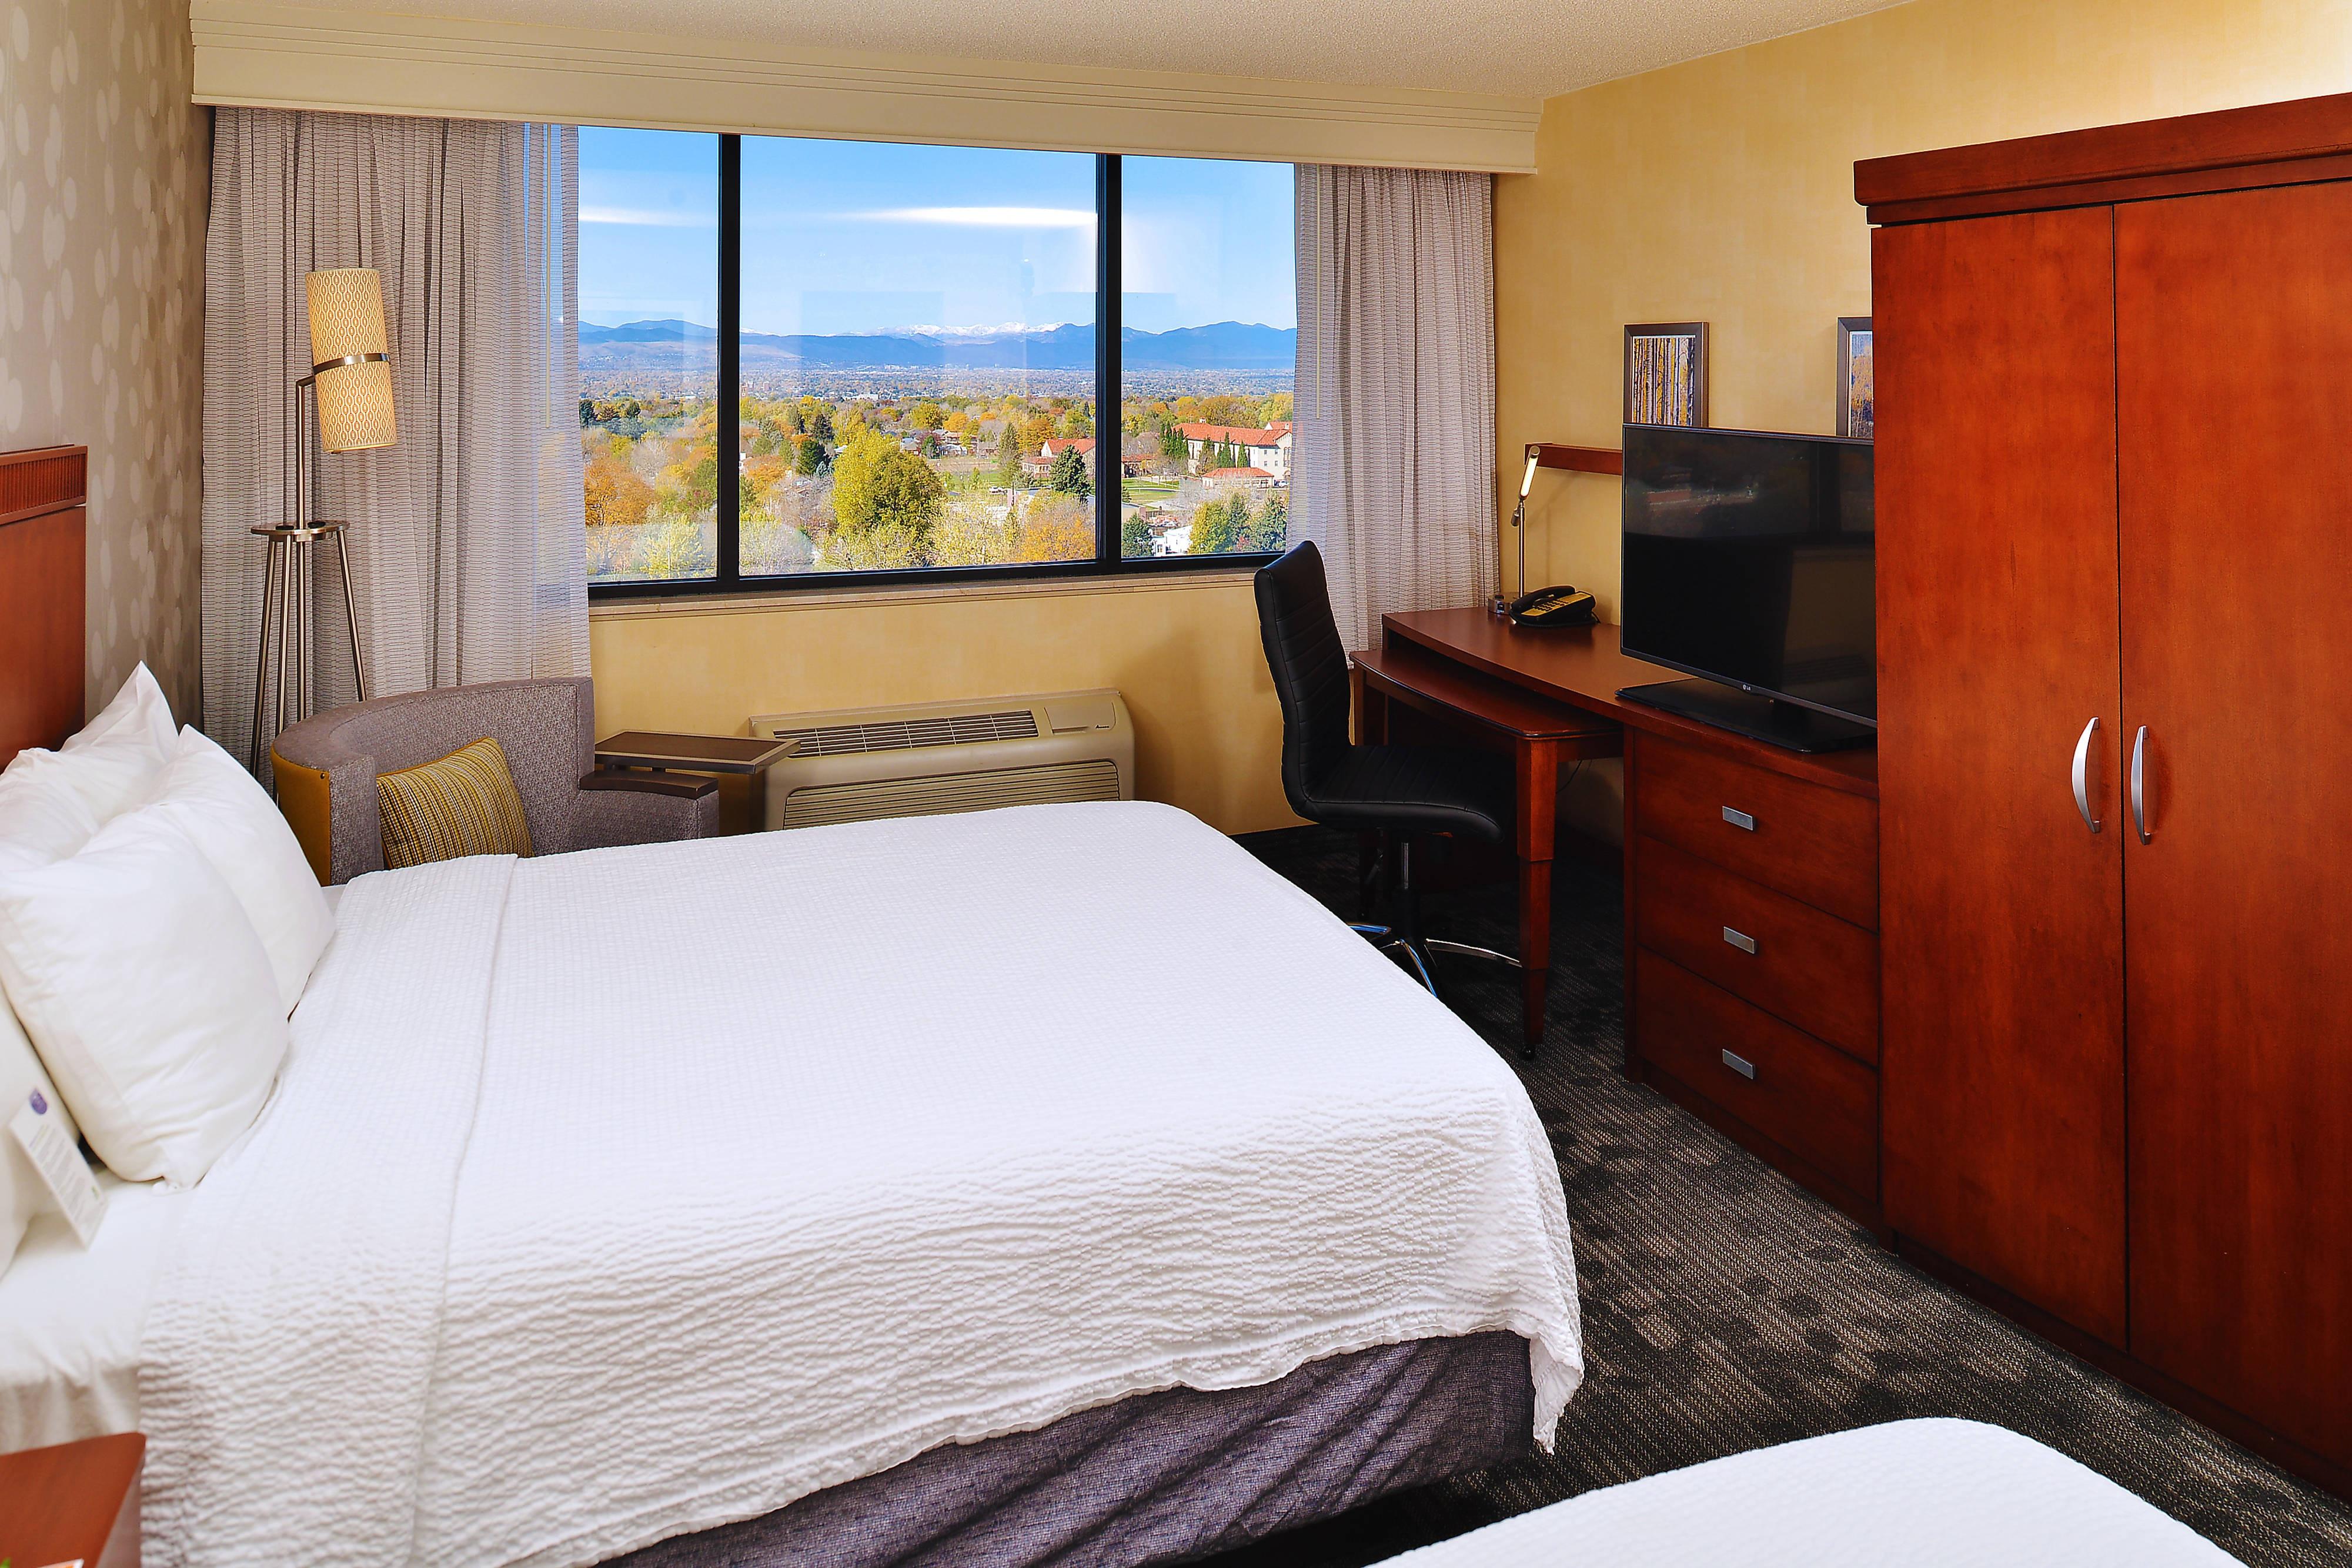 Habitación con dos camas Queen y vista a la montaña